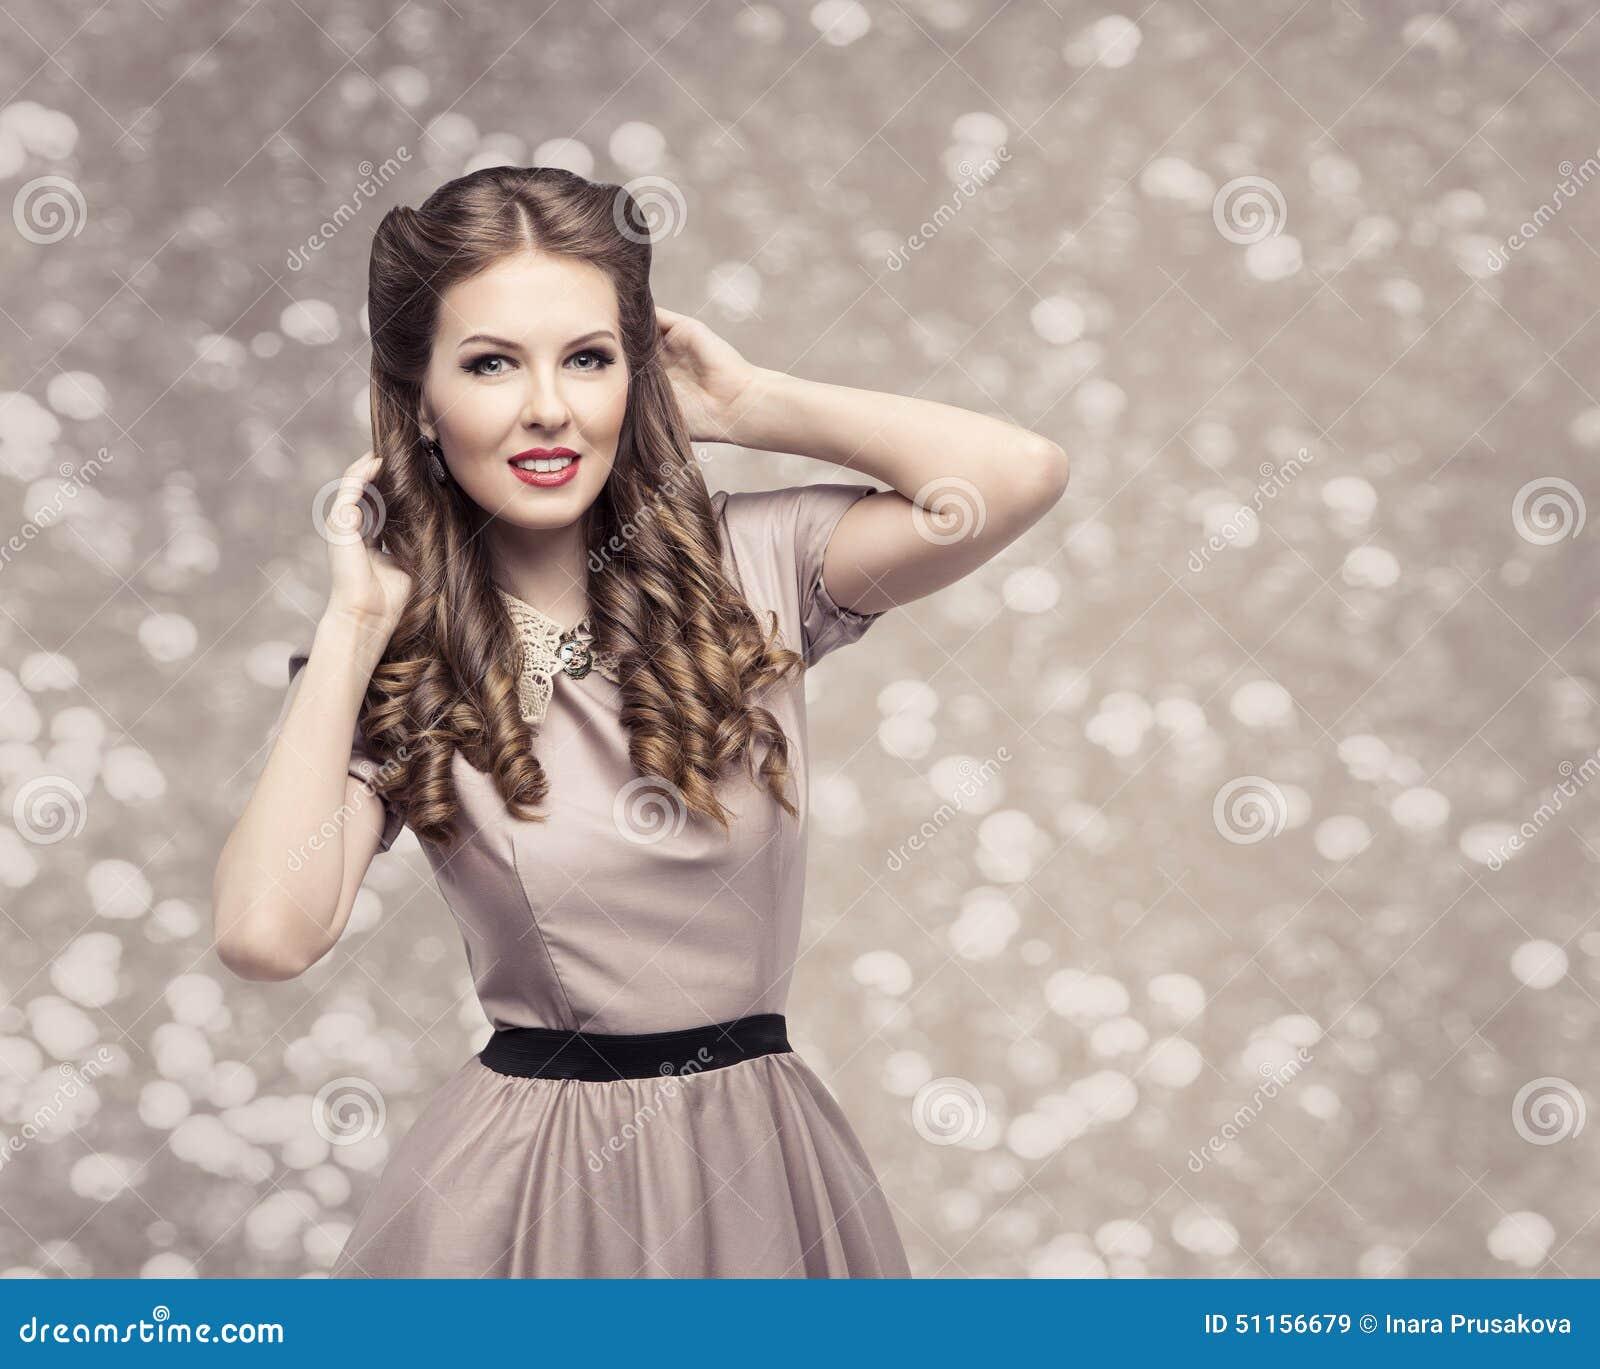 Peinado Retro De La Mujer Pin Up Girl Portrait Modelo Elegante